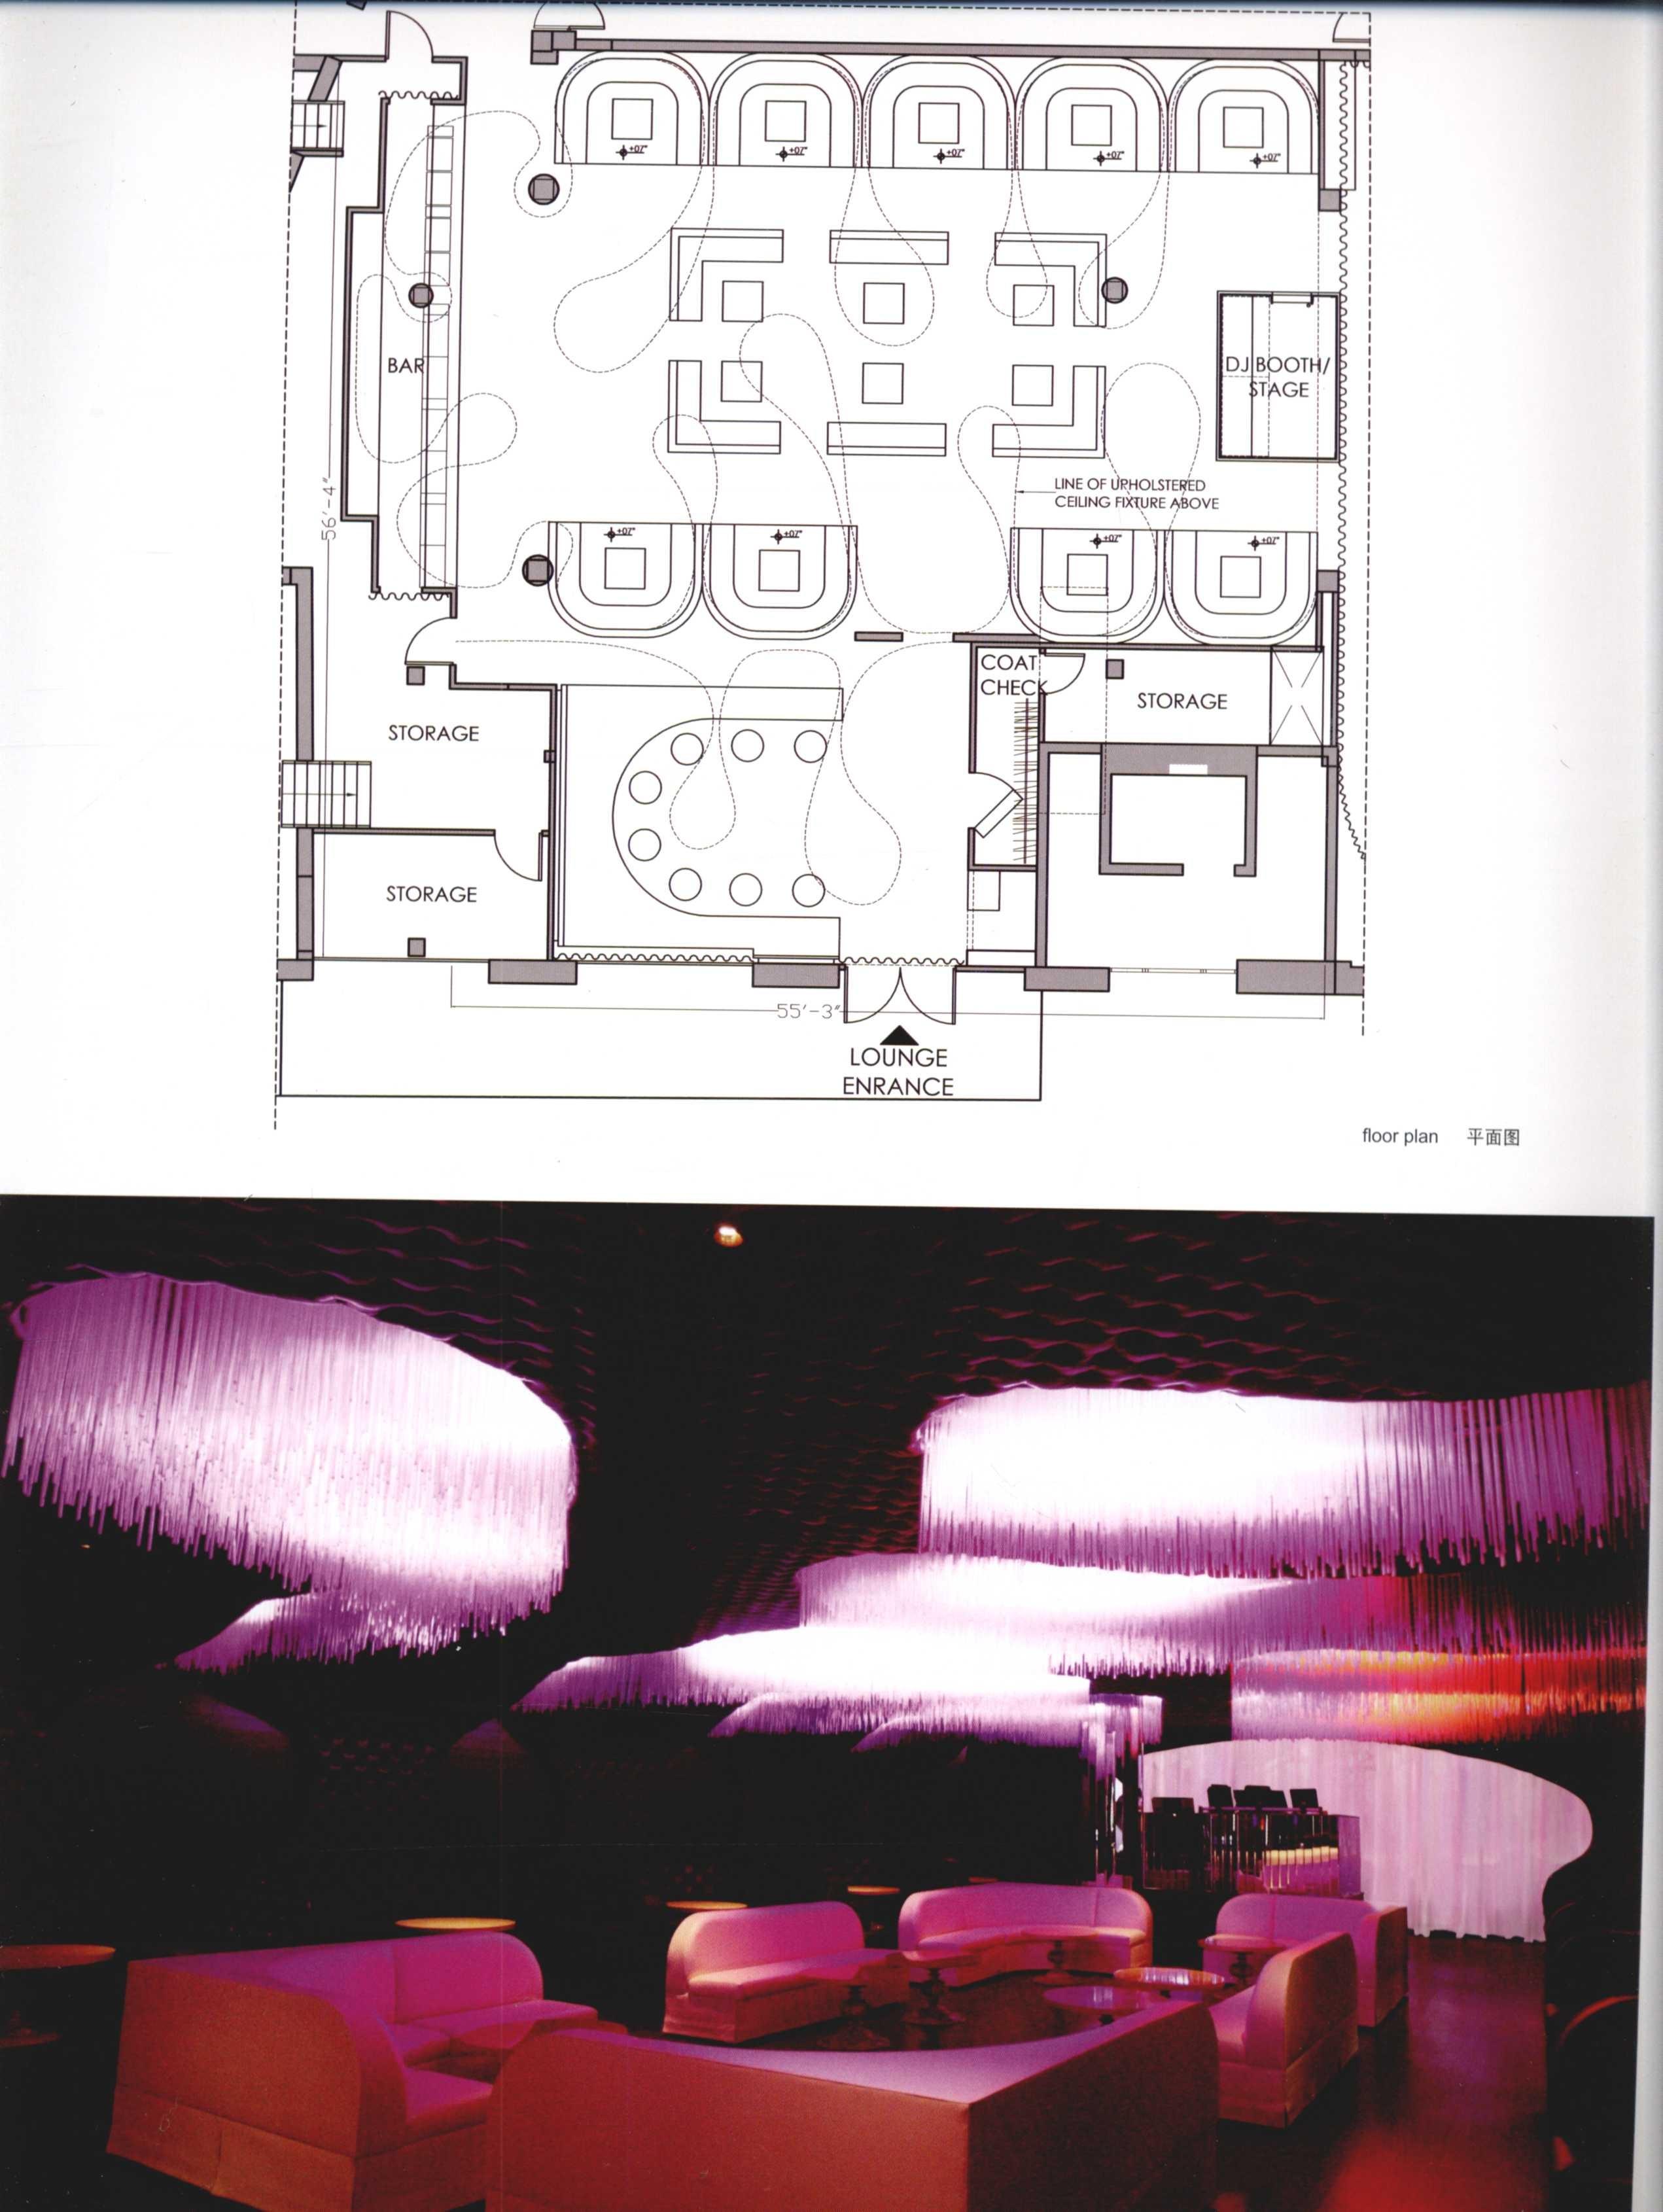 2012全球室内设计年鉴  餐饮_Page_045.jpg